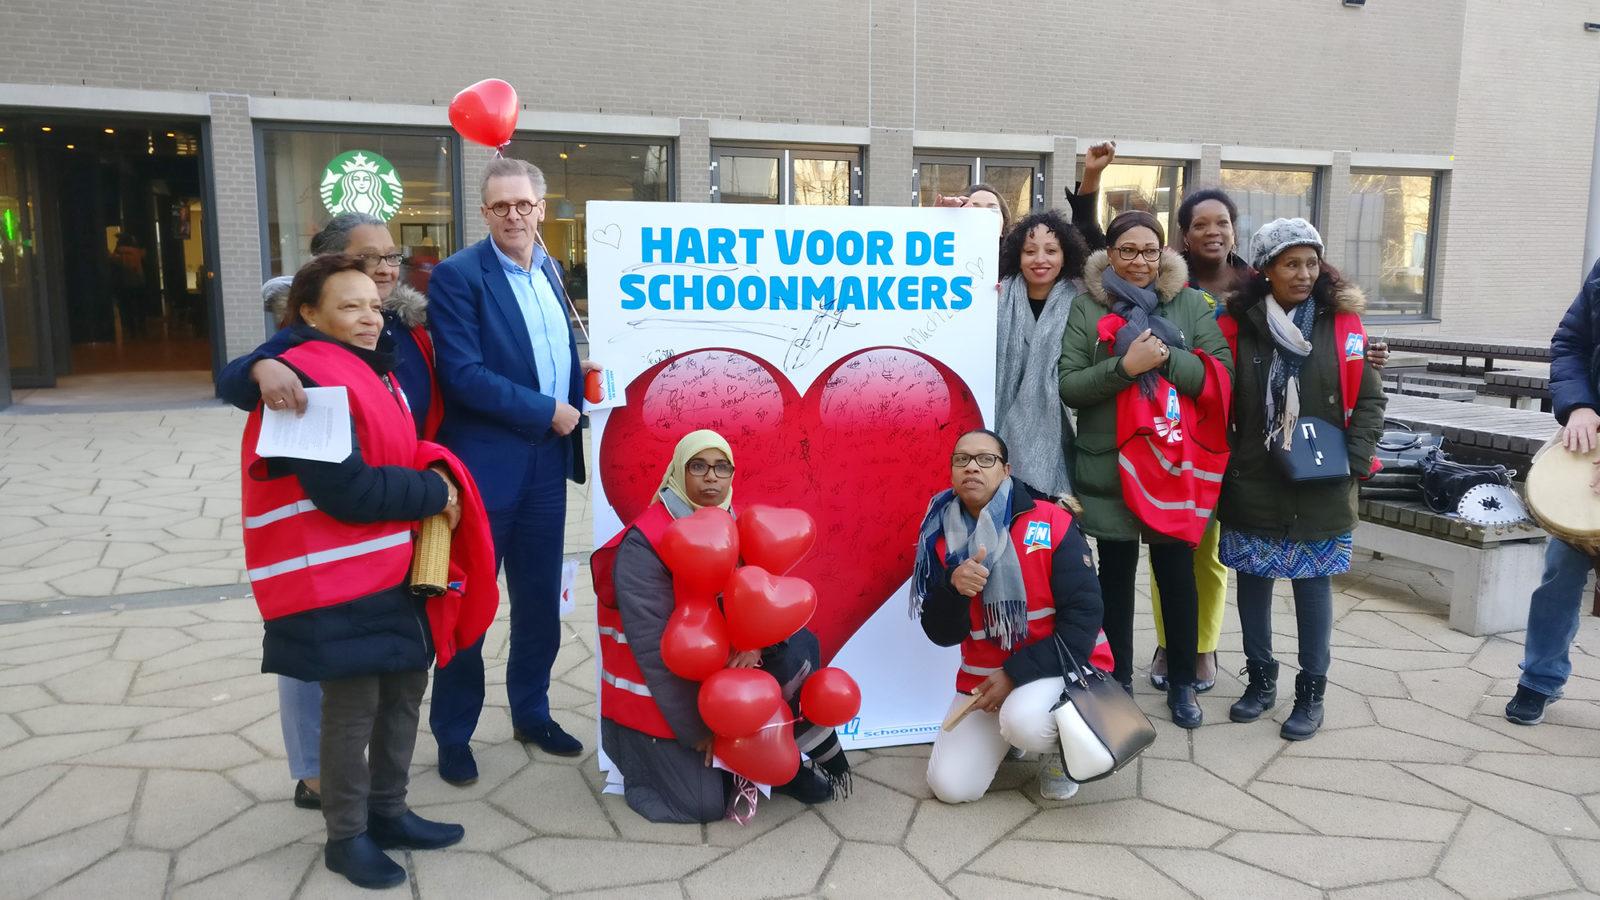 schoonmakers-demonstratie-valentijn-kees-lansbergen-foto-Elmer-Smaling